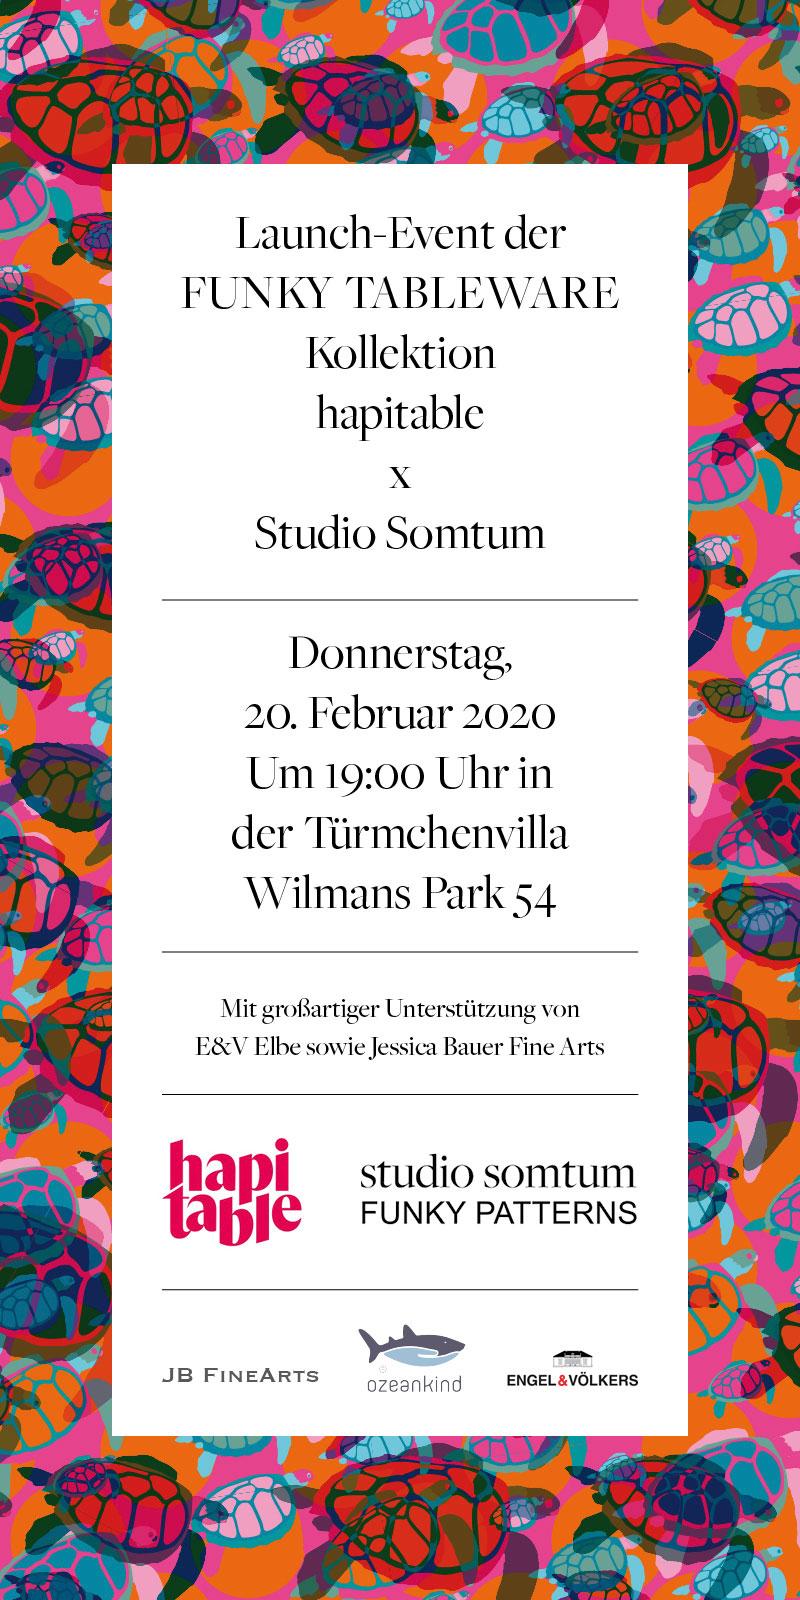 hapitable x Studio Somtum